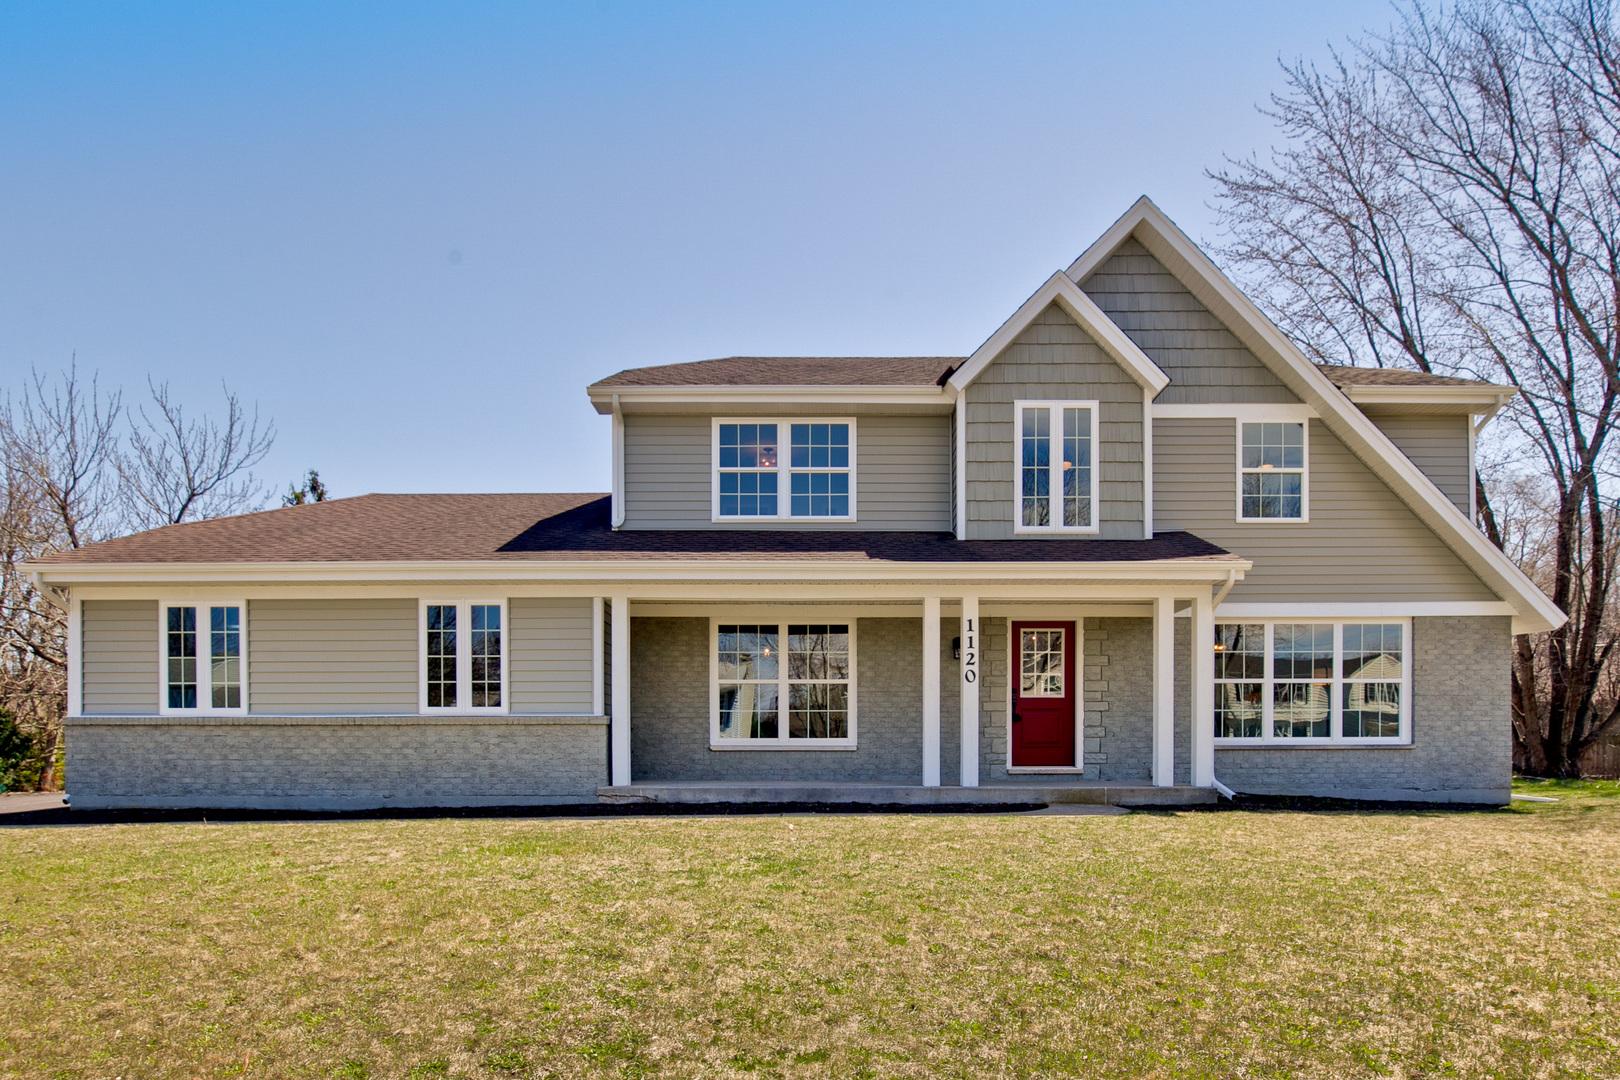 1120 Sussex Lane, Libertyville, Illinois 60048